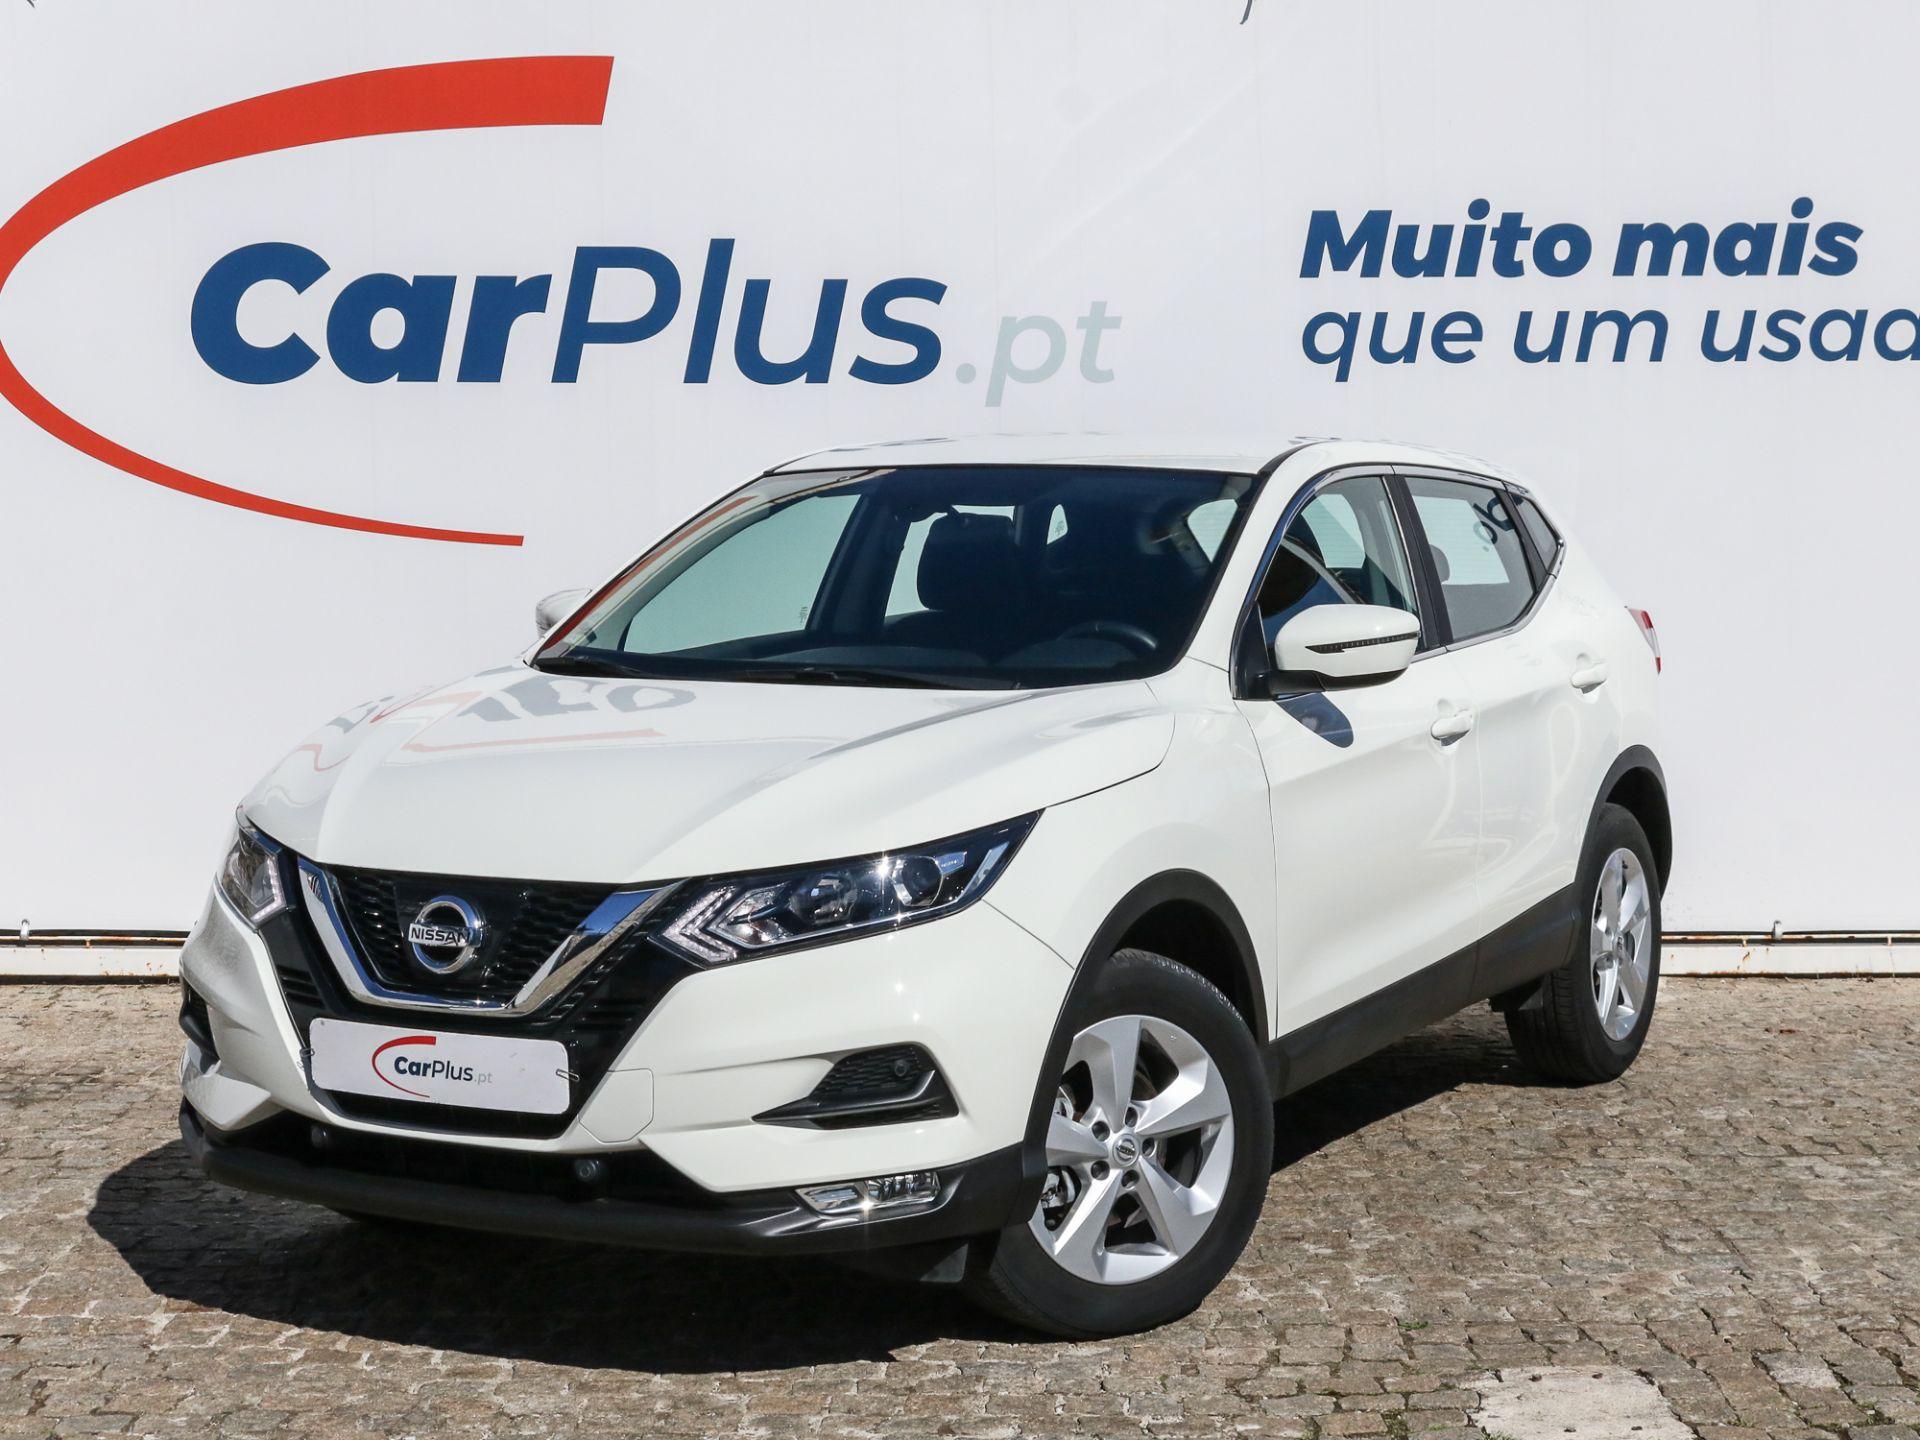 Nissan Qashqai 1.5 dCi 110cv Acenta R segunda mão Lisboa